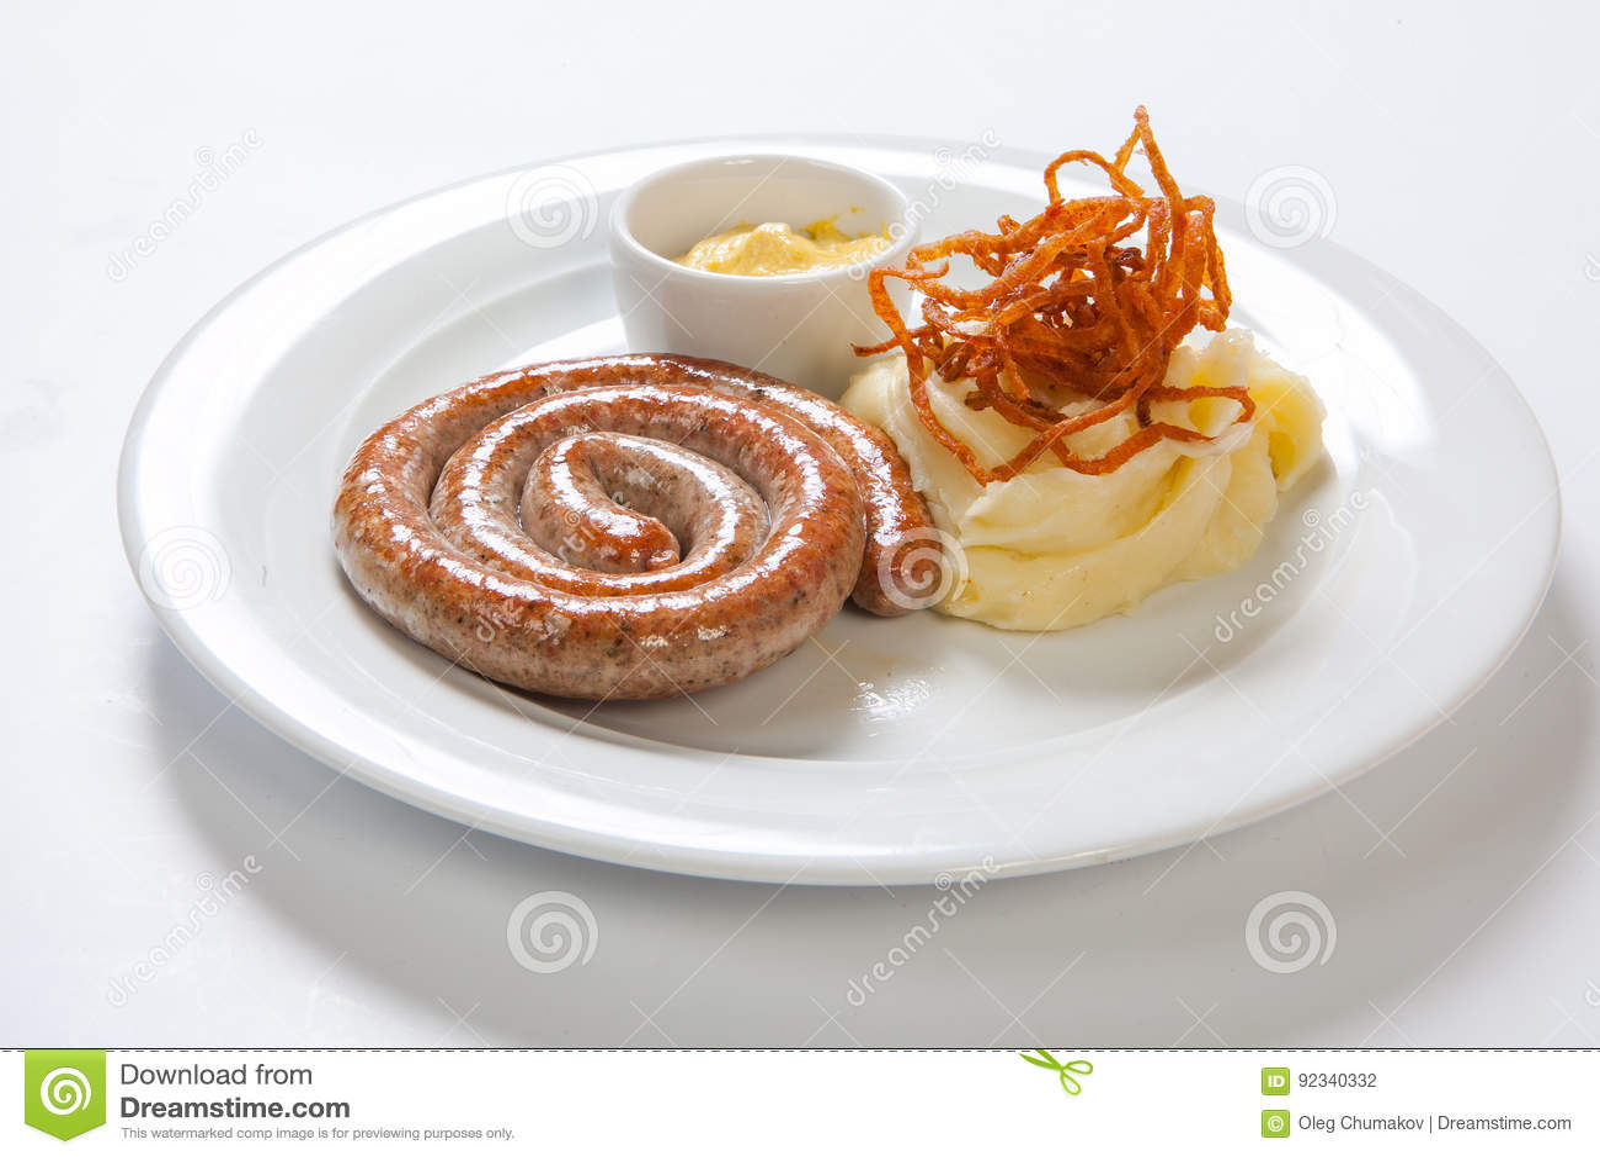 Mosad potatis och grillad korv eller bratwurst på den vita plattan